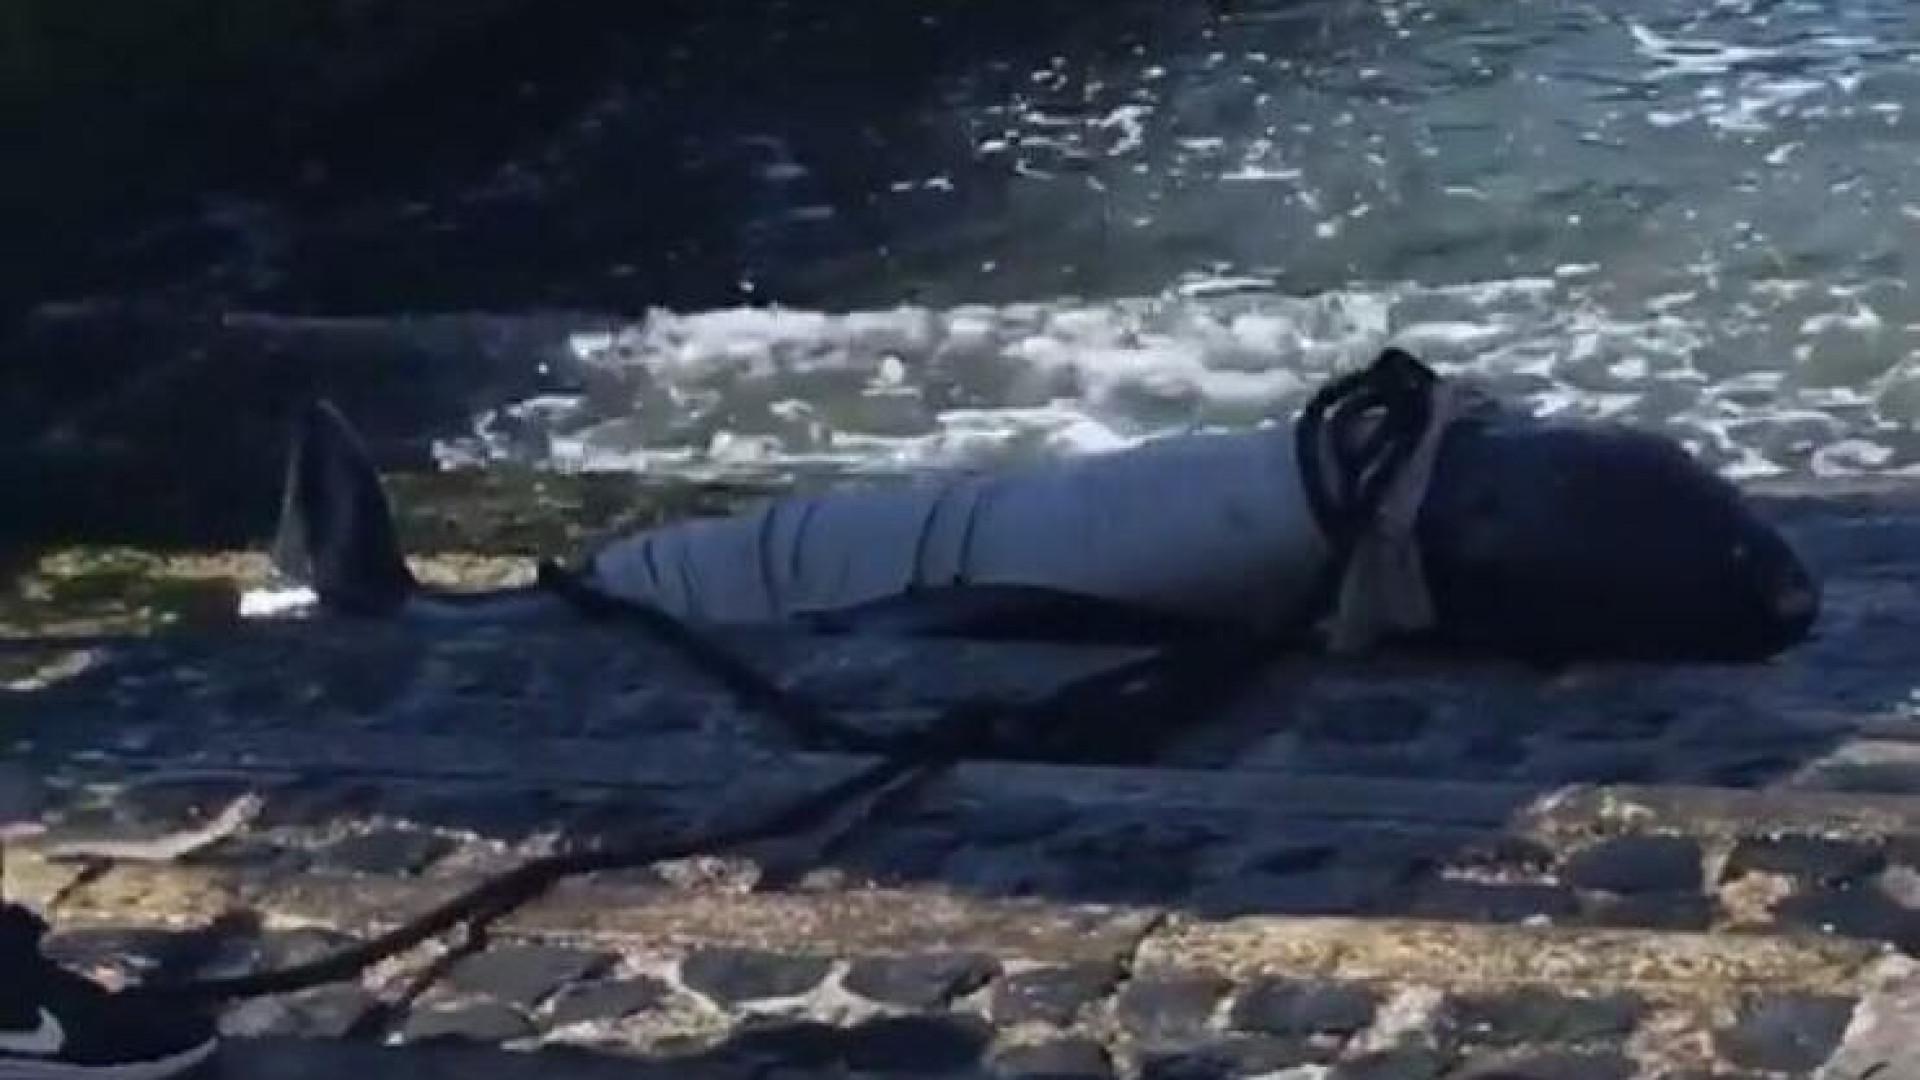 Baleia encalhada junto ao Cais do Sodré, em Lisboa